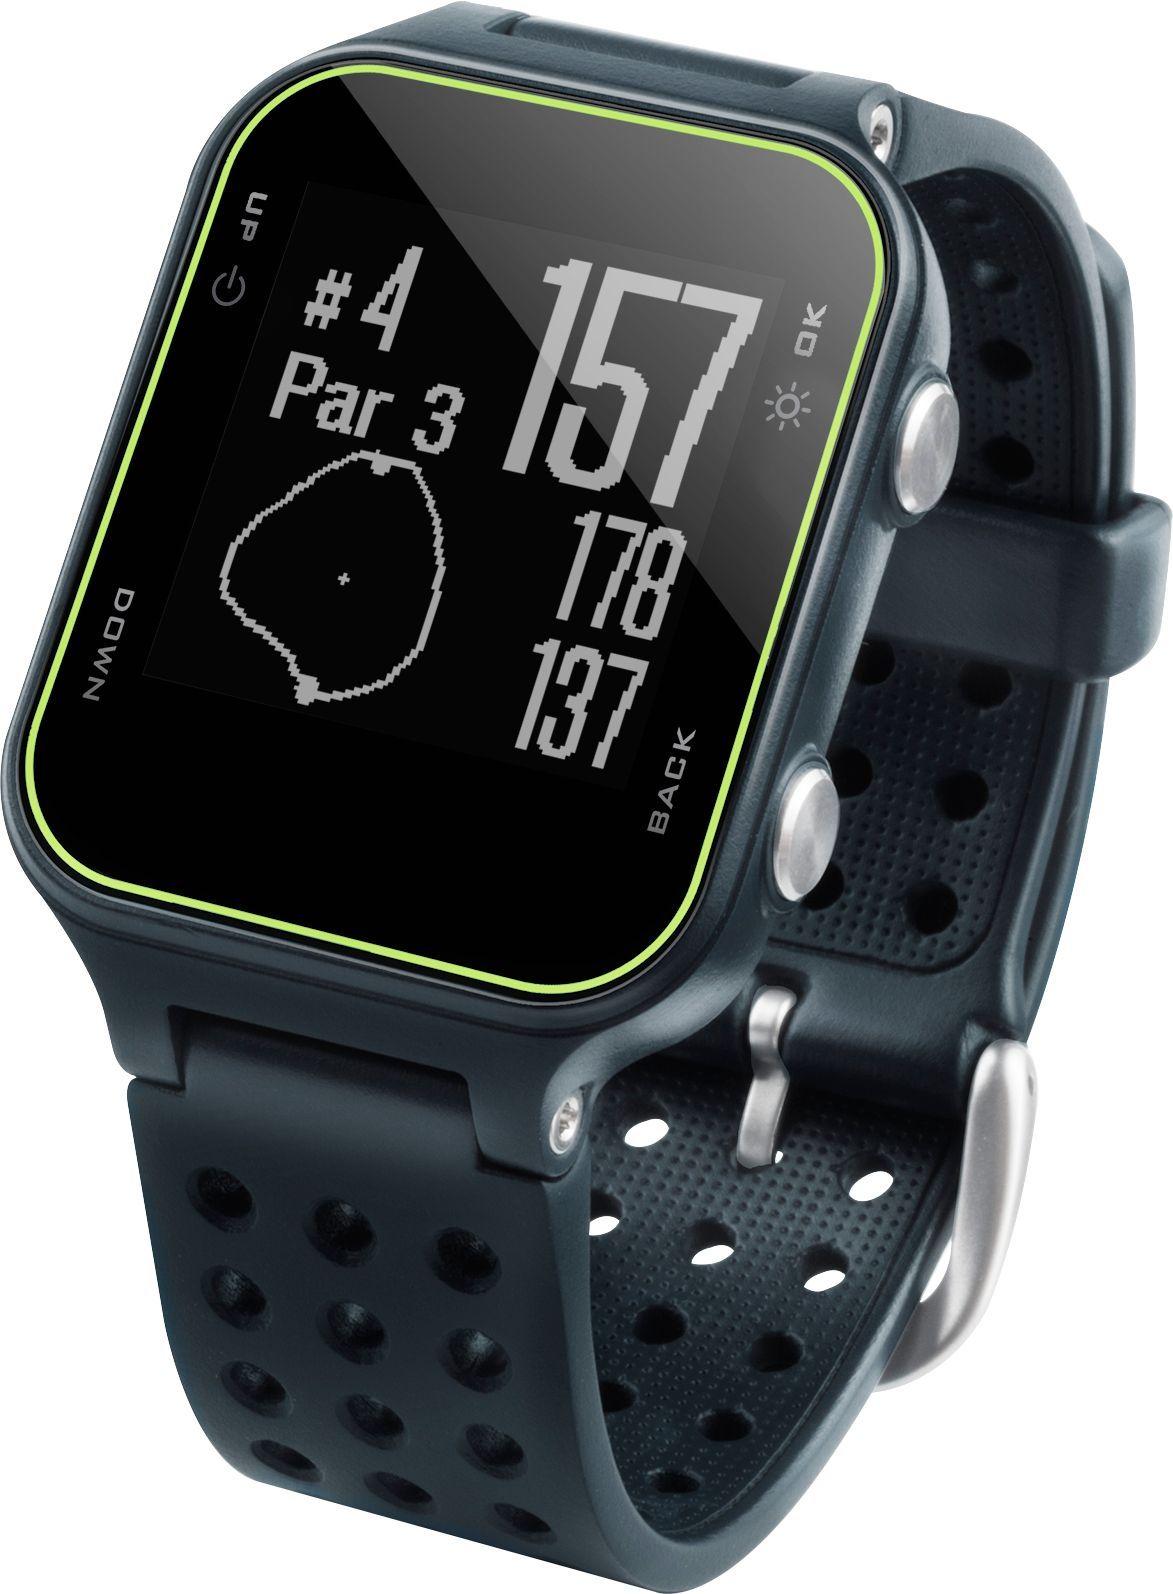 Garmin Approach S20 Golf GPS Watch, Blue Golf gps watch